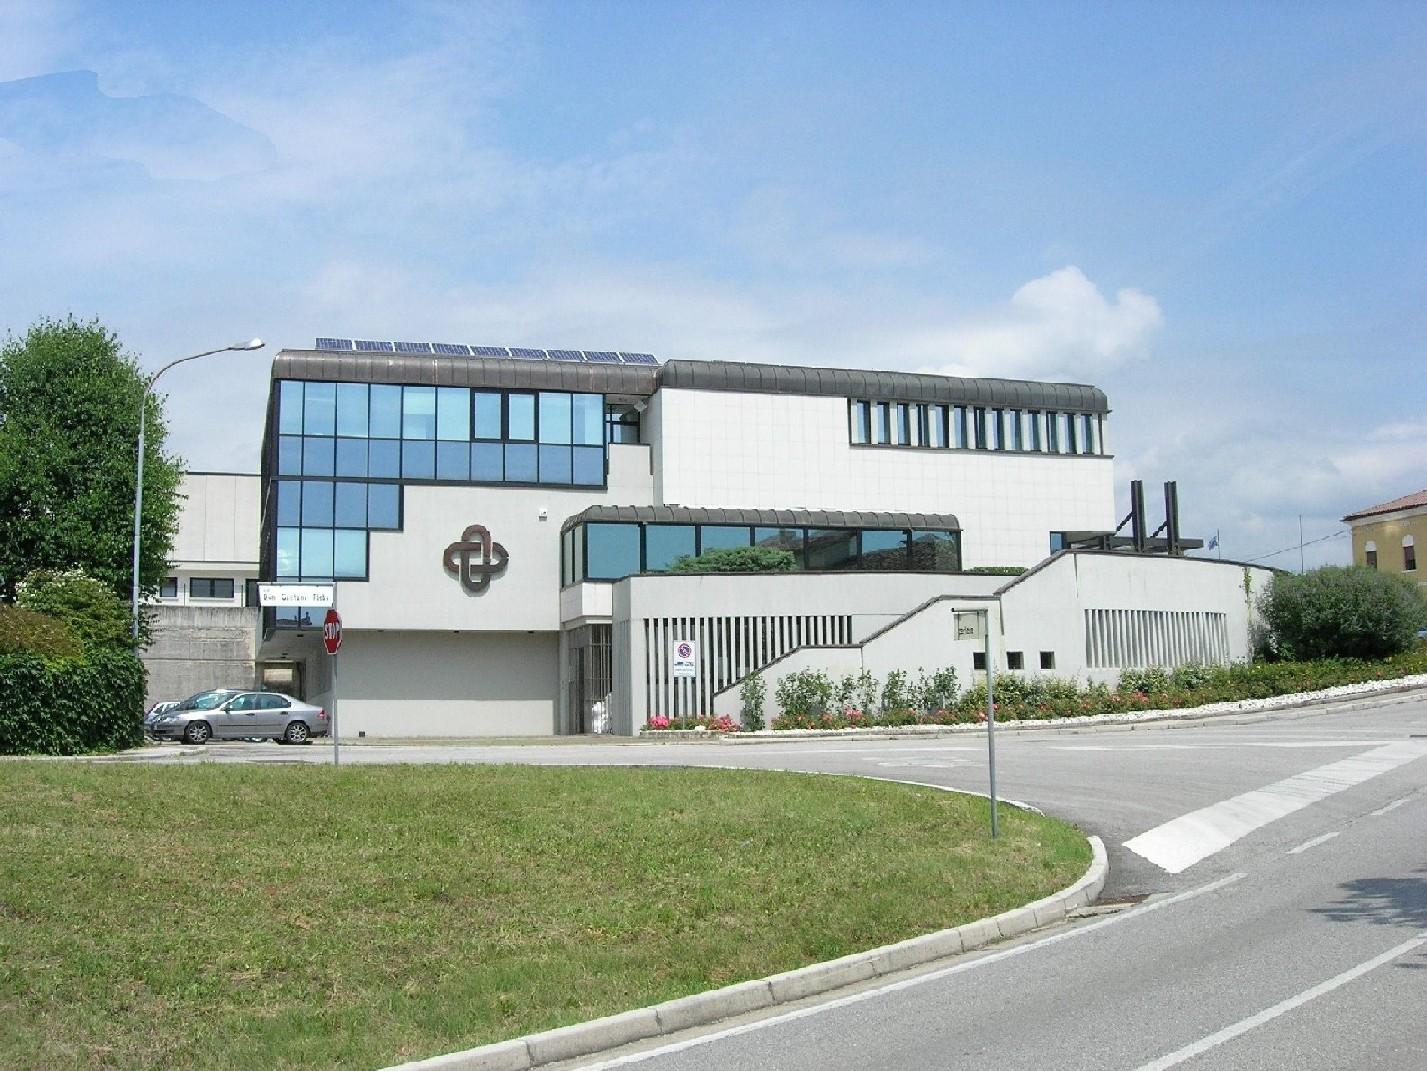 Sede di Quinto Valle Agno che sarà sede legale della Banca di Verona e Vicenza.